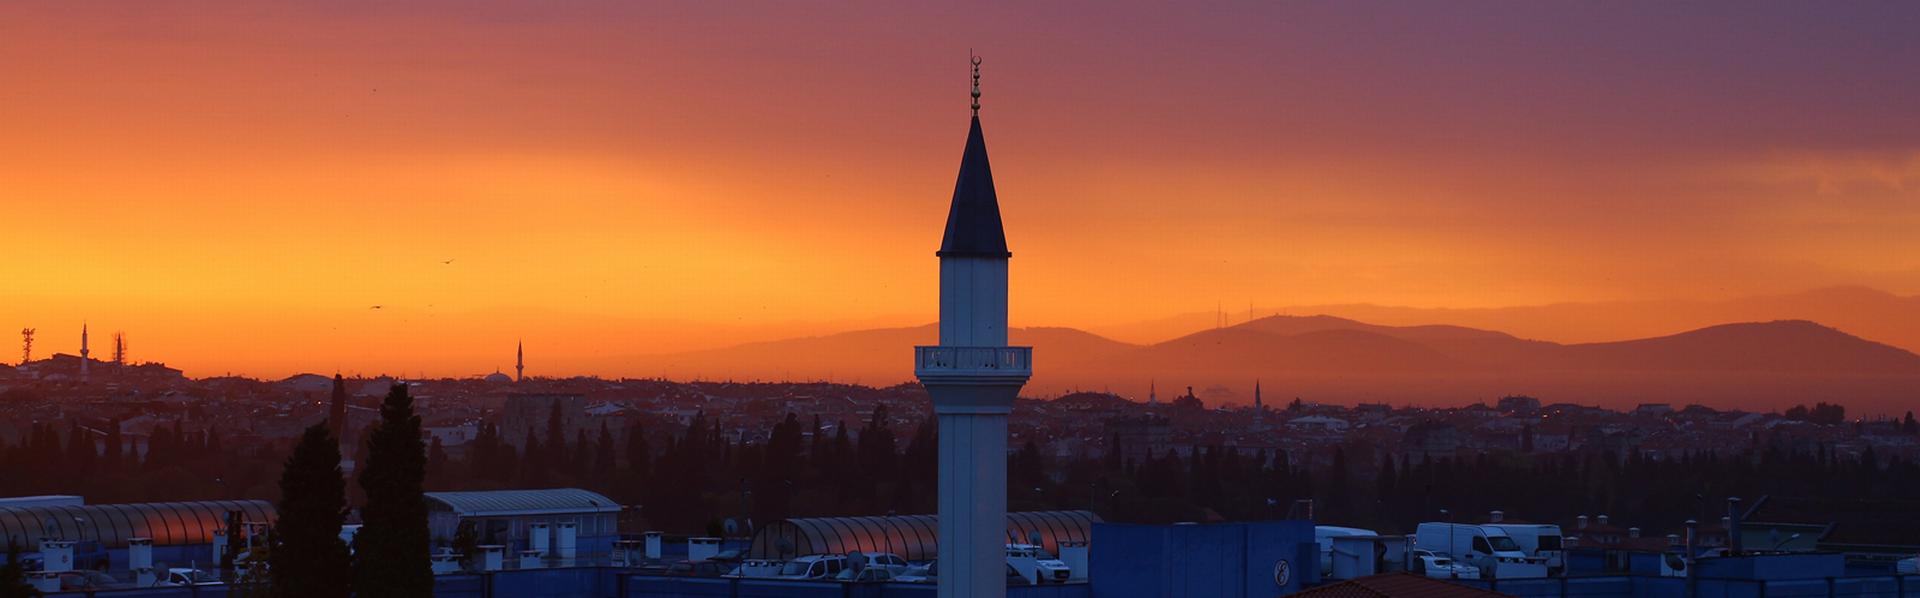 L'islam en Suisse sur RTS Découverte [Mehmet - Fotolia]